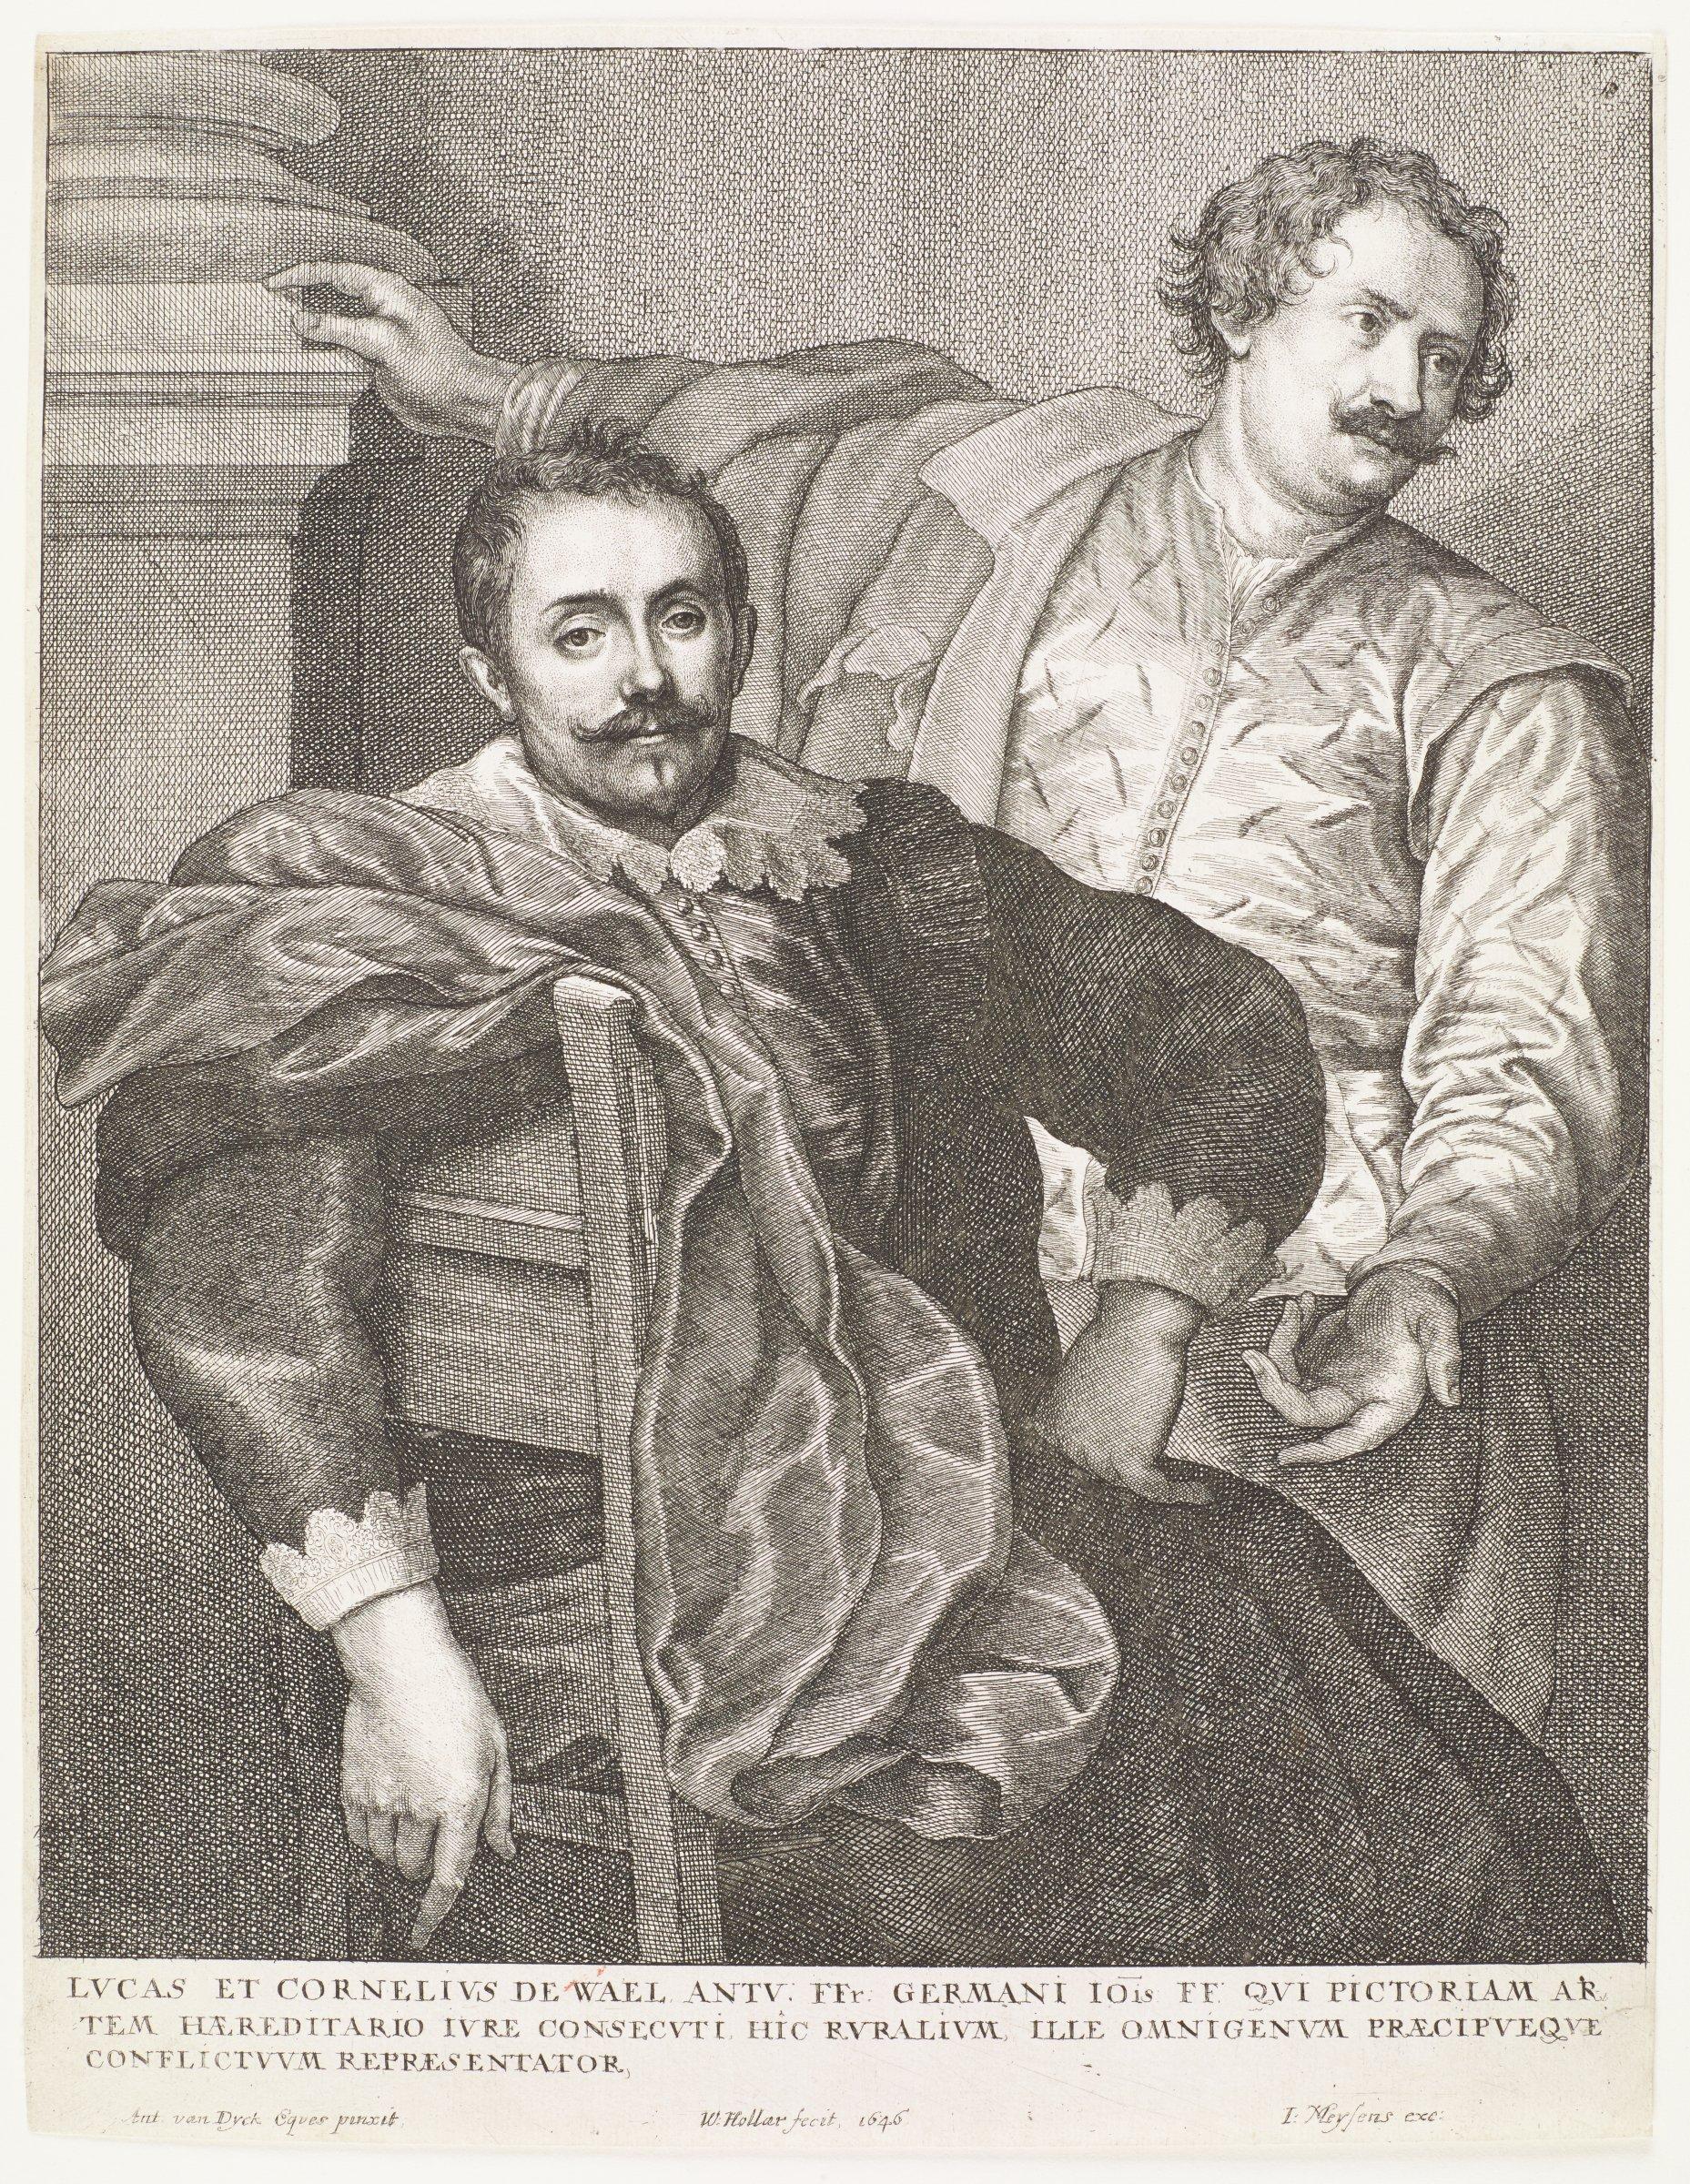 Lucas and Cornelius de Wael were painters. They are seen here in portrait. This is from the Gillis Hendricx edition of the Iconography (Icones Principum Virorum Doctorum, Pictorum Chalcographorum Statuorum nec non Amatorum Pictoriae Artis Numero Centum), 1632-44.